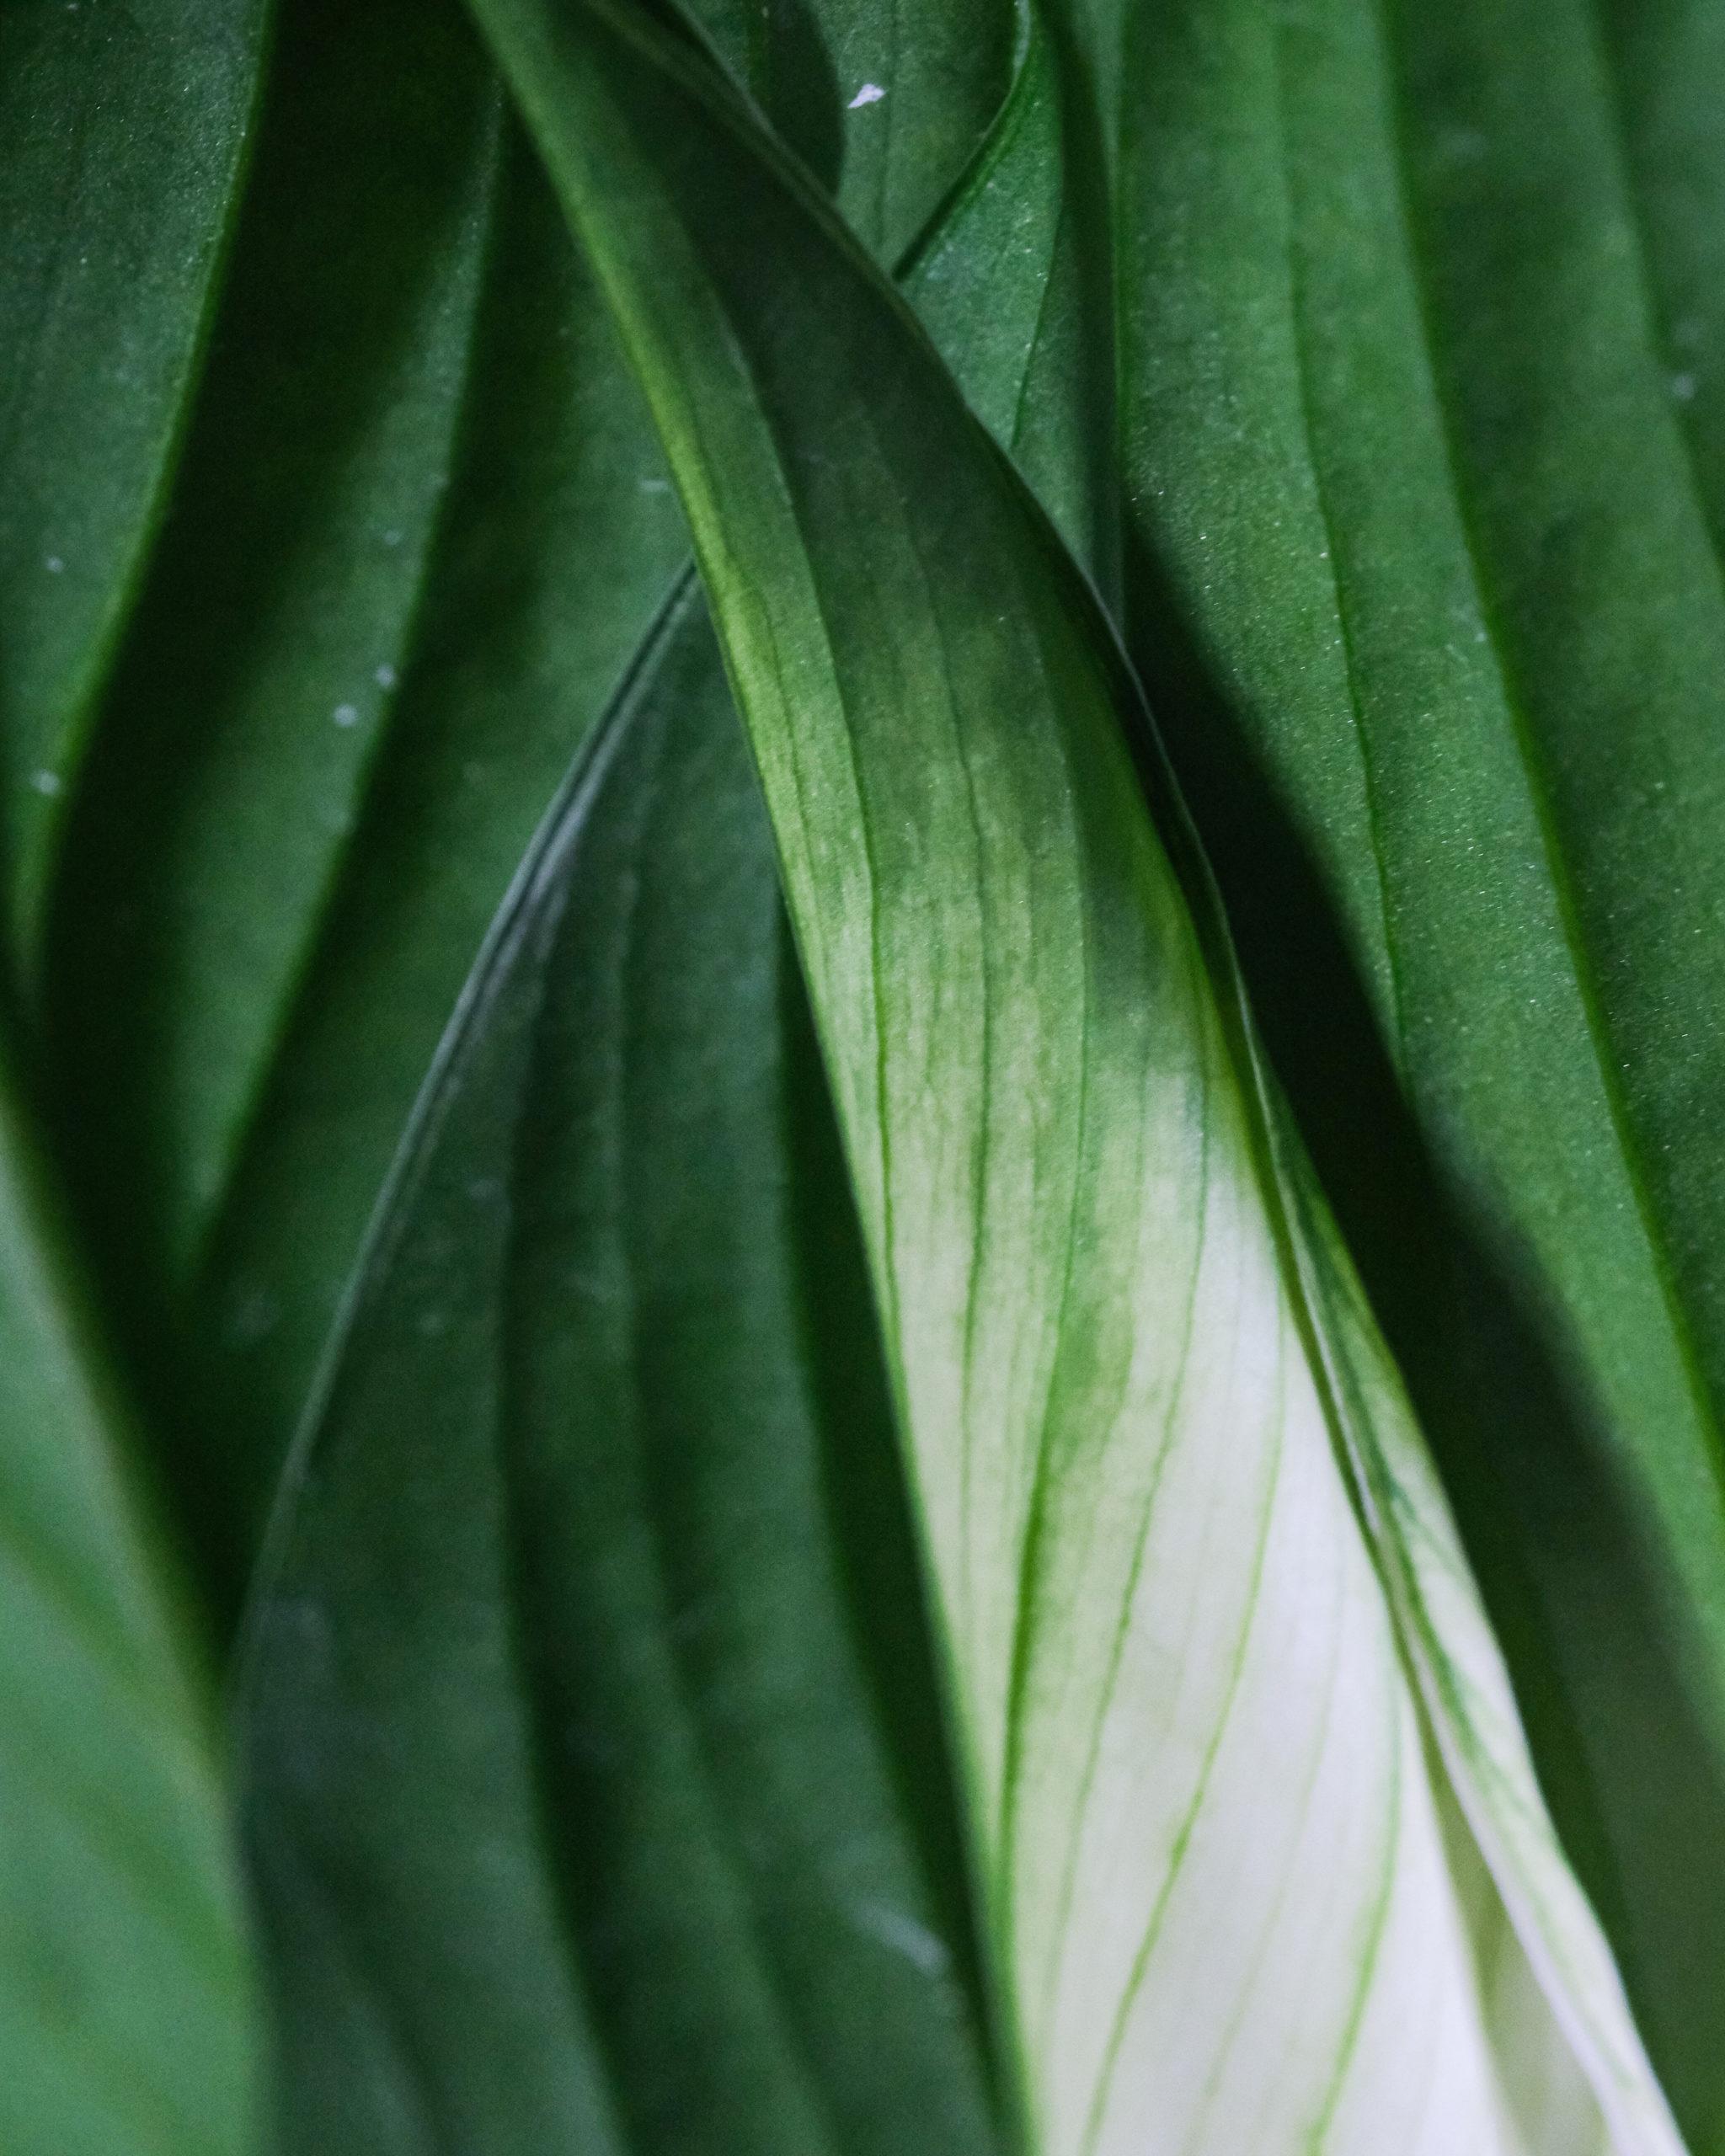 Spathiphyllum_1